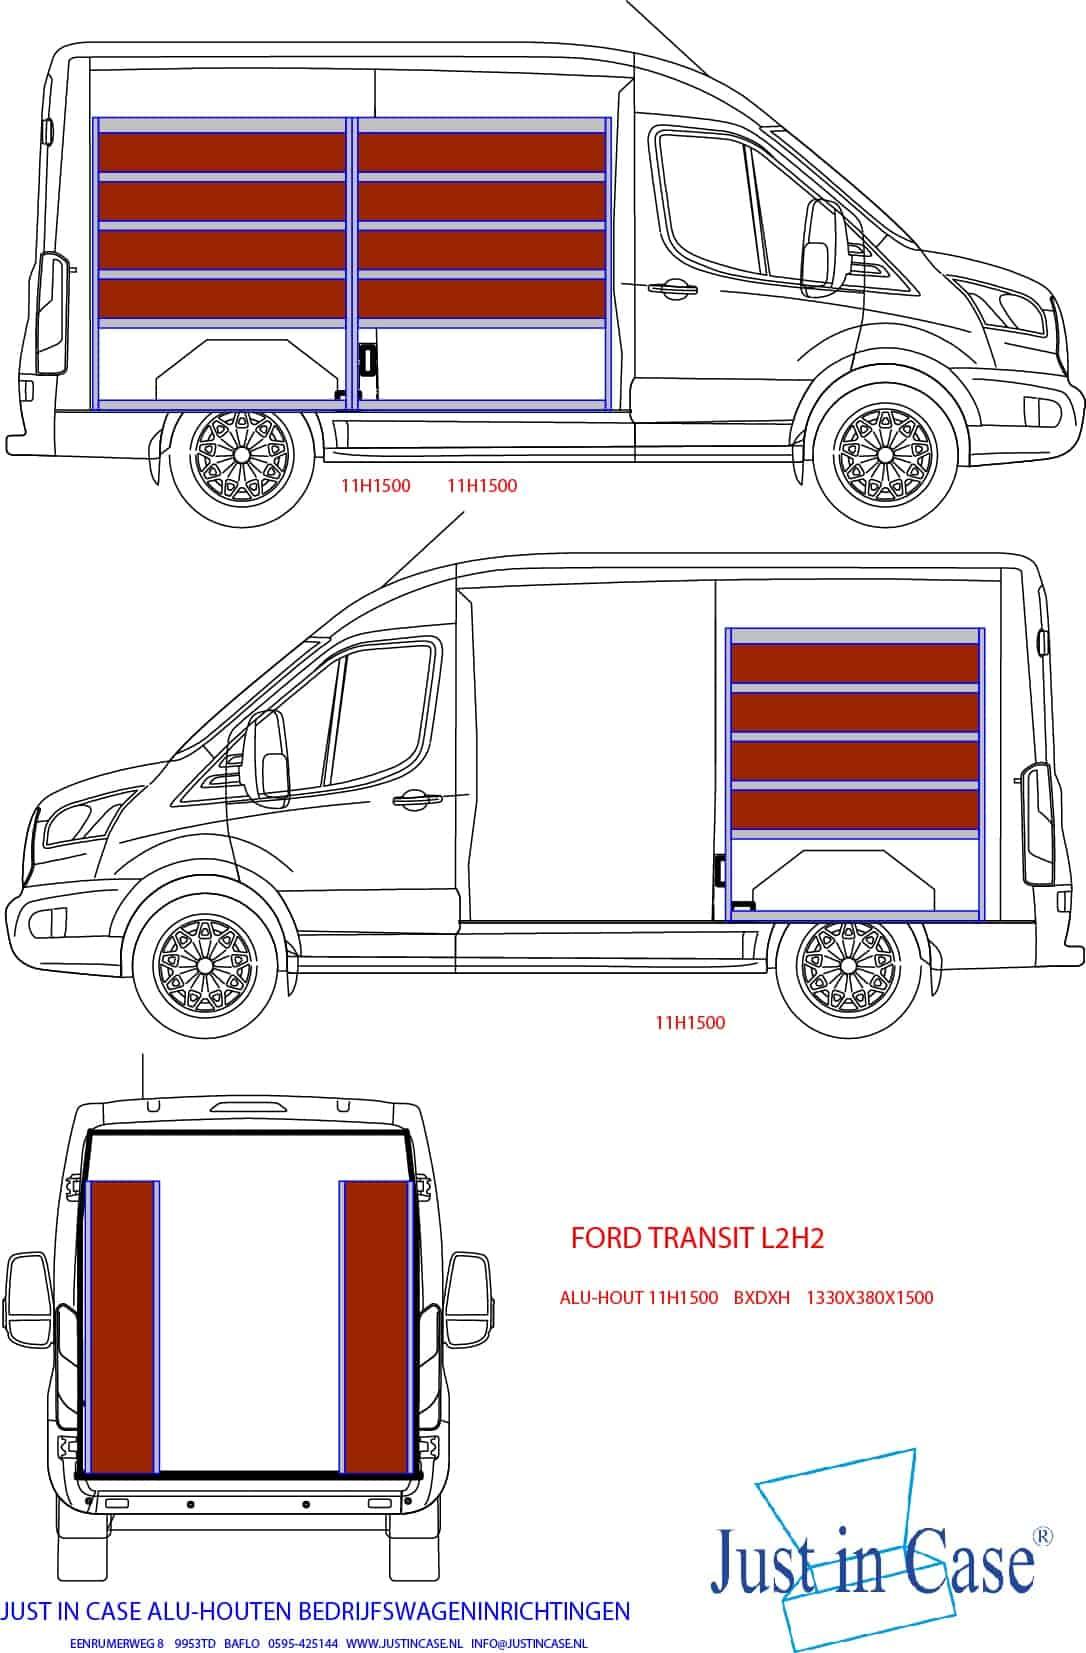 Ford Transit grote bedrijfswagen inrichten met stellingkasten